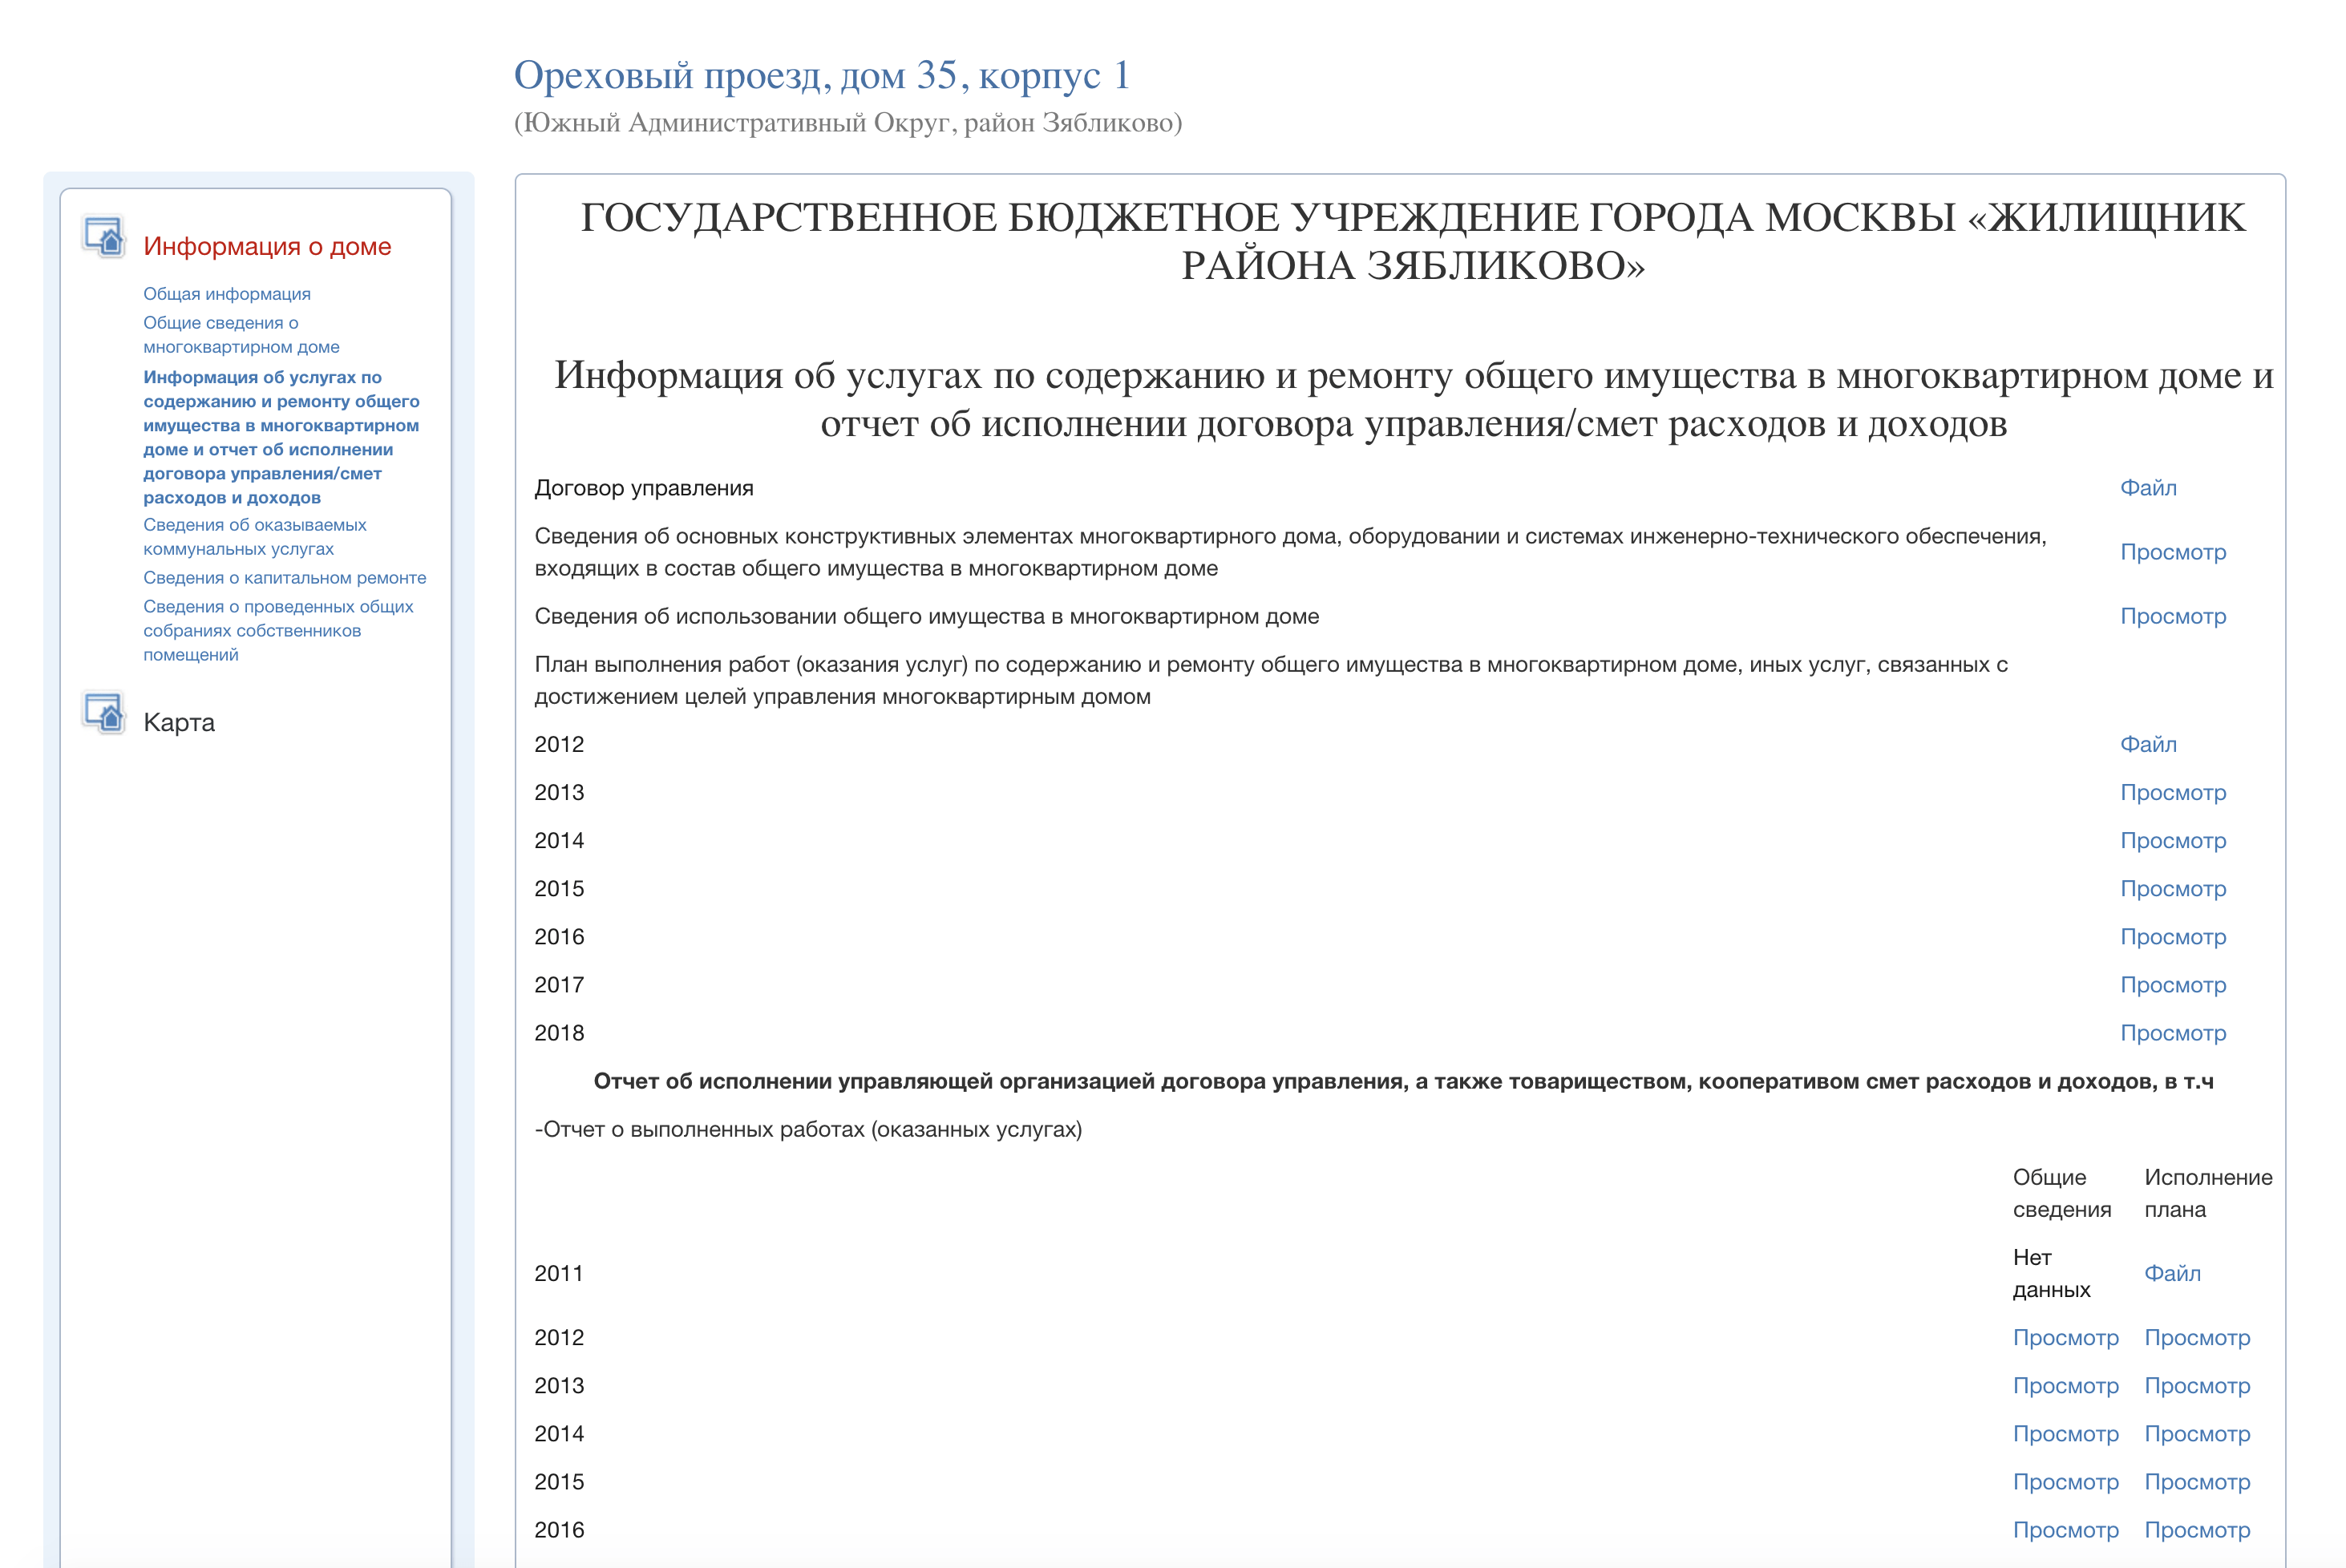 В анкете дома можно скачать протокол, посмотреть, как исполняется договор, сличить подписи. Иногда УК загружают вместо протокола пустой шаблон, ссылаясь на закон о персональных данных. Это неправда — вы имеете право на доступ к информации. Жалуйтесь в госжилинспекцию